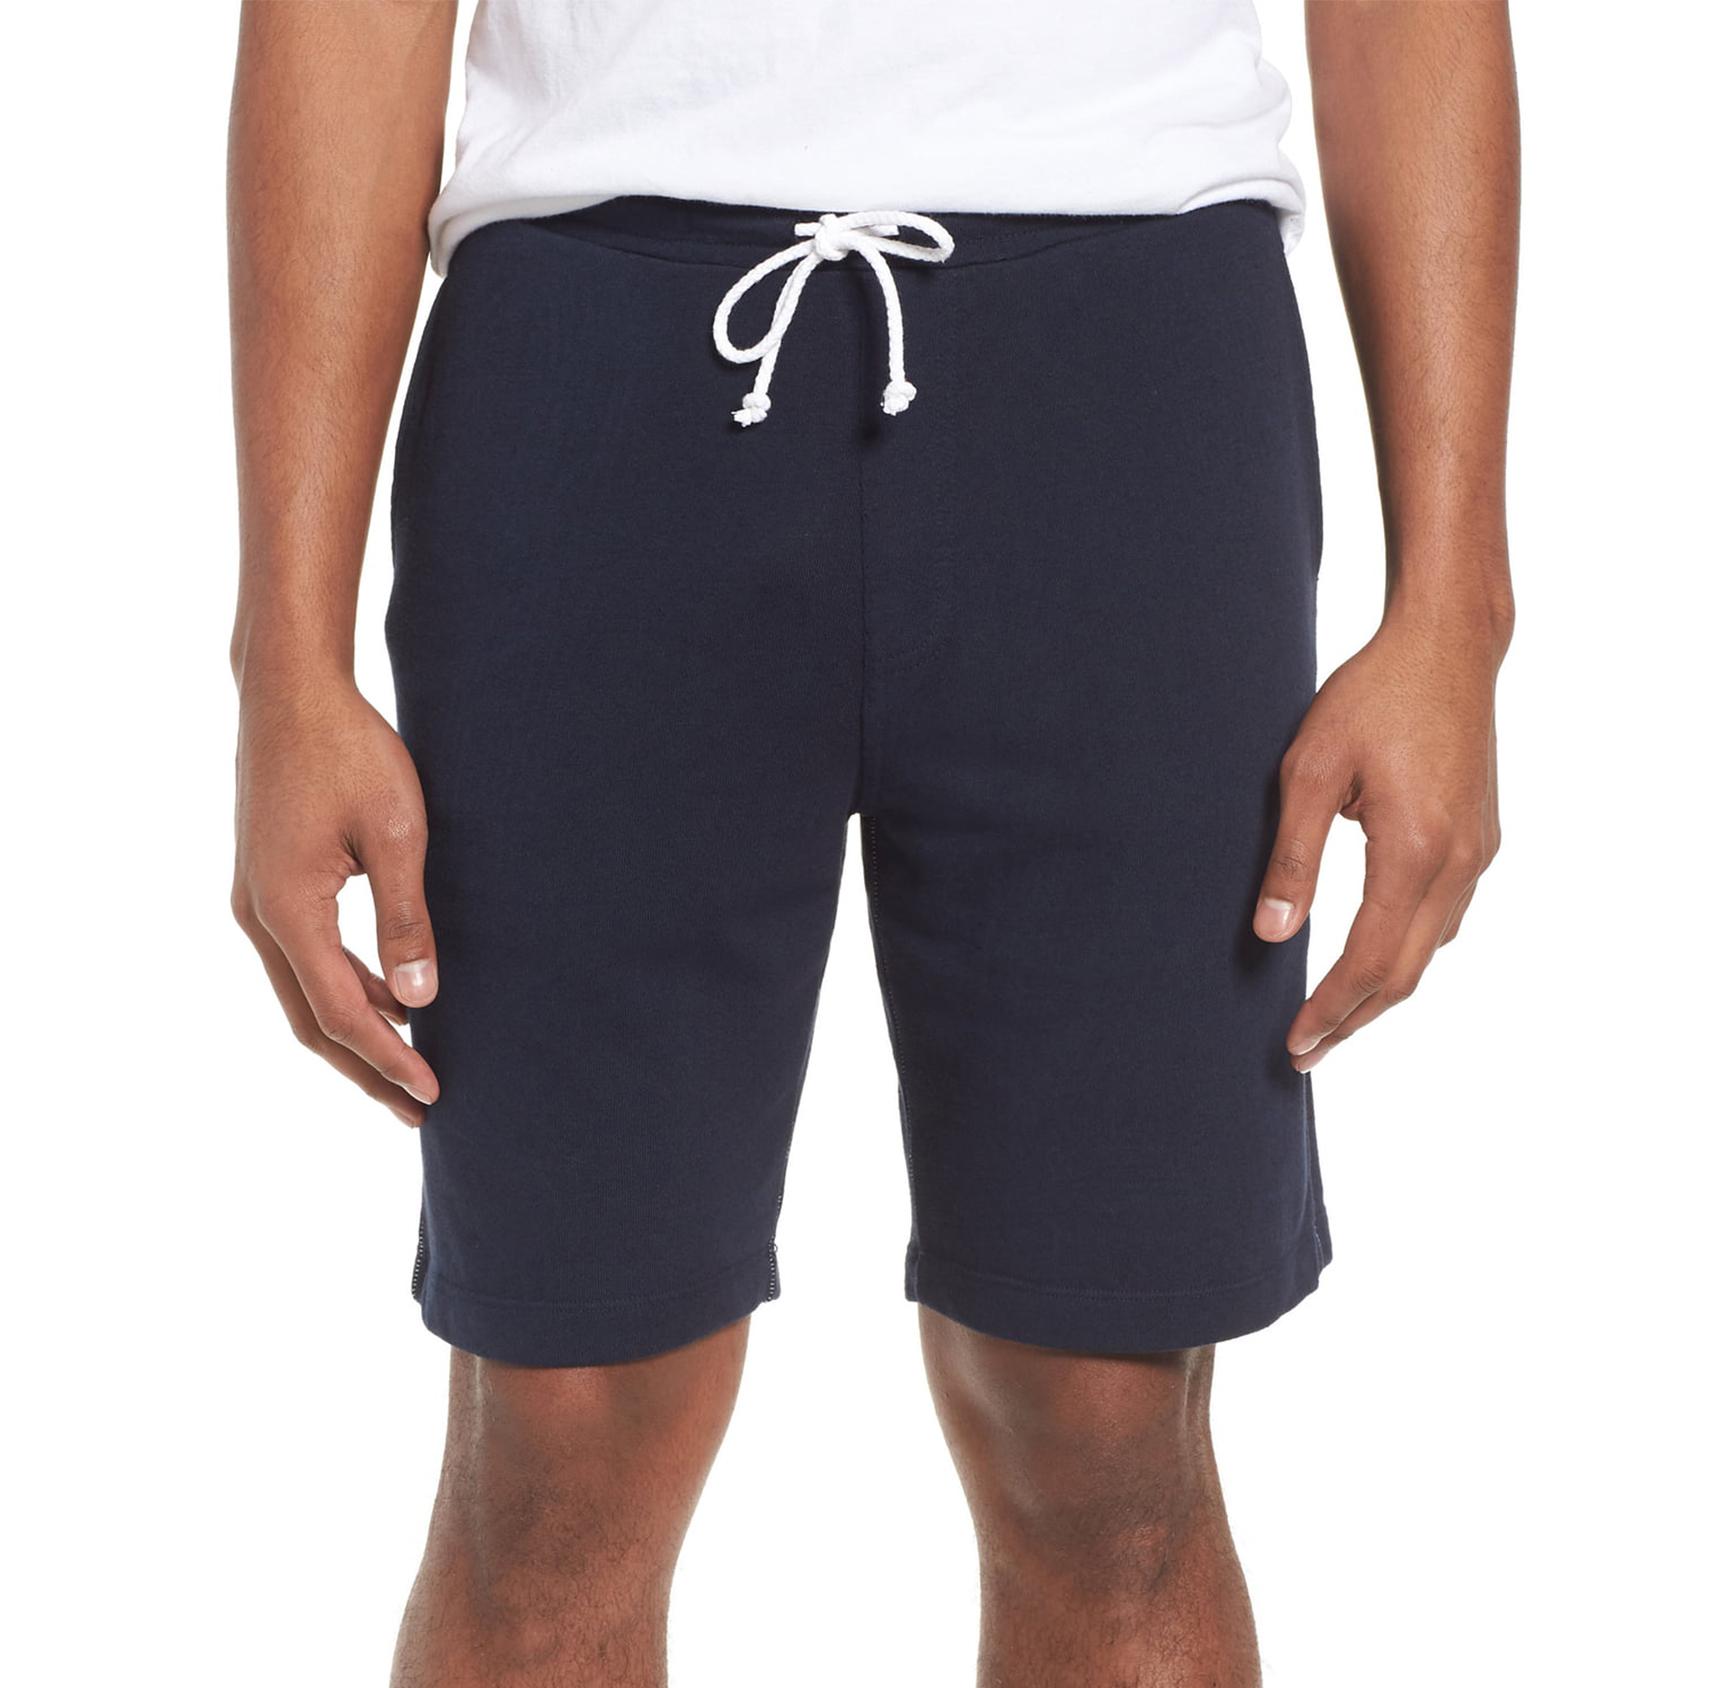 Lounge Sweat Shorts